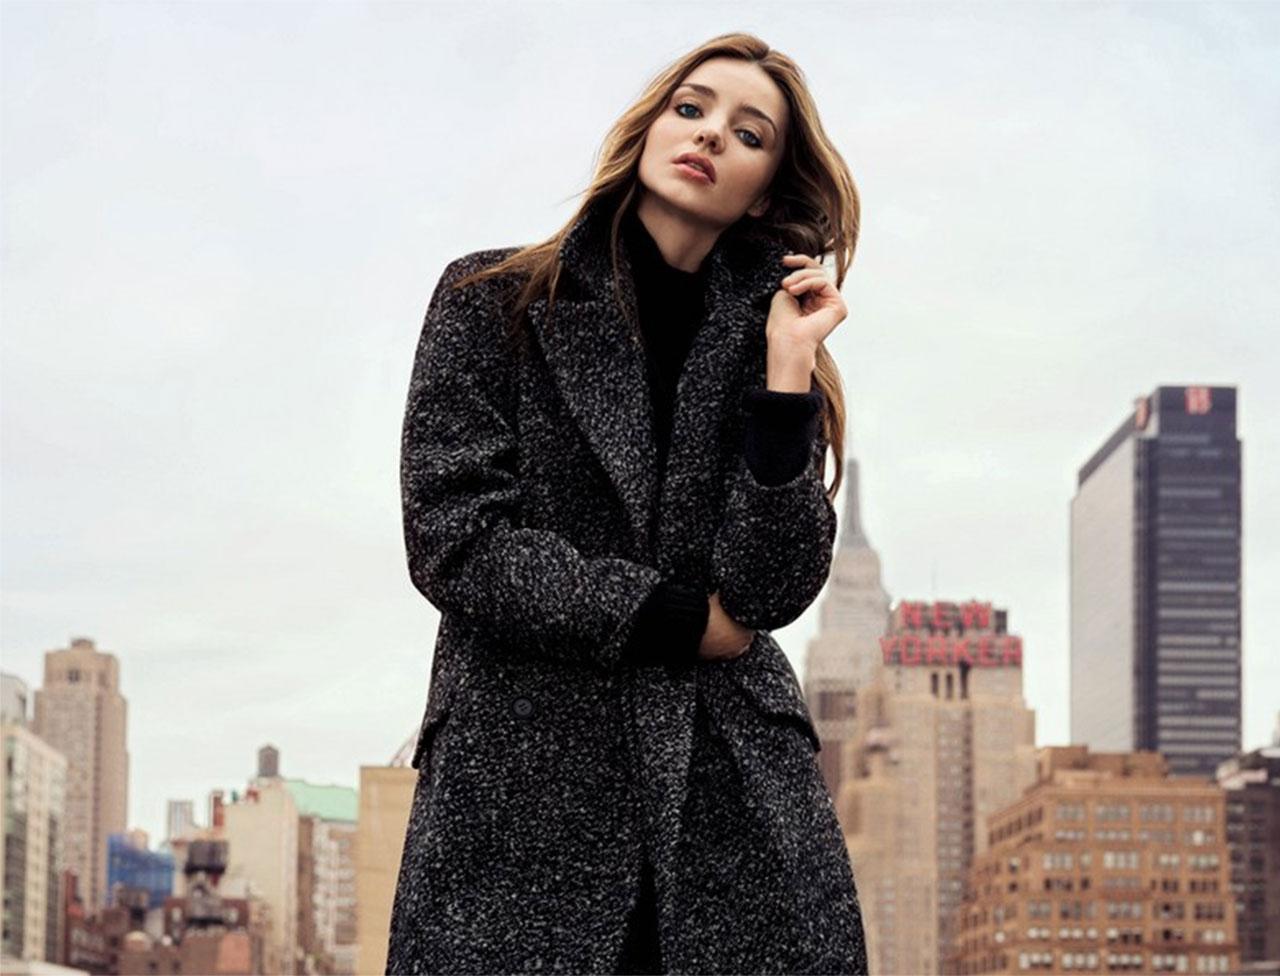 manteau chaud femme les diff rents mat riaux qui font la diff rence. Black Bedroom Furniture Sets. Home Design Ideas